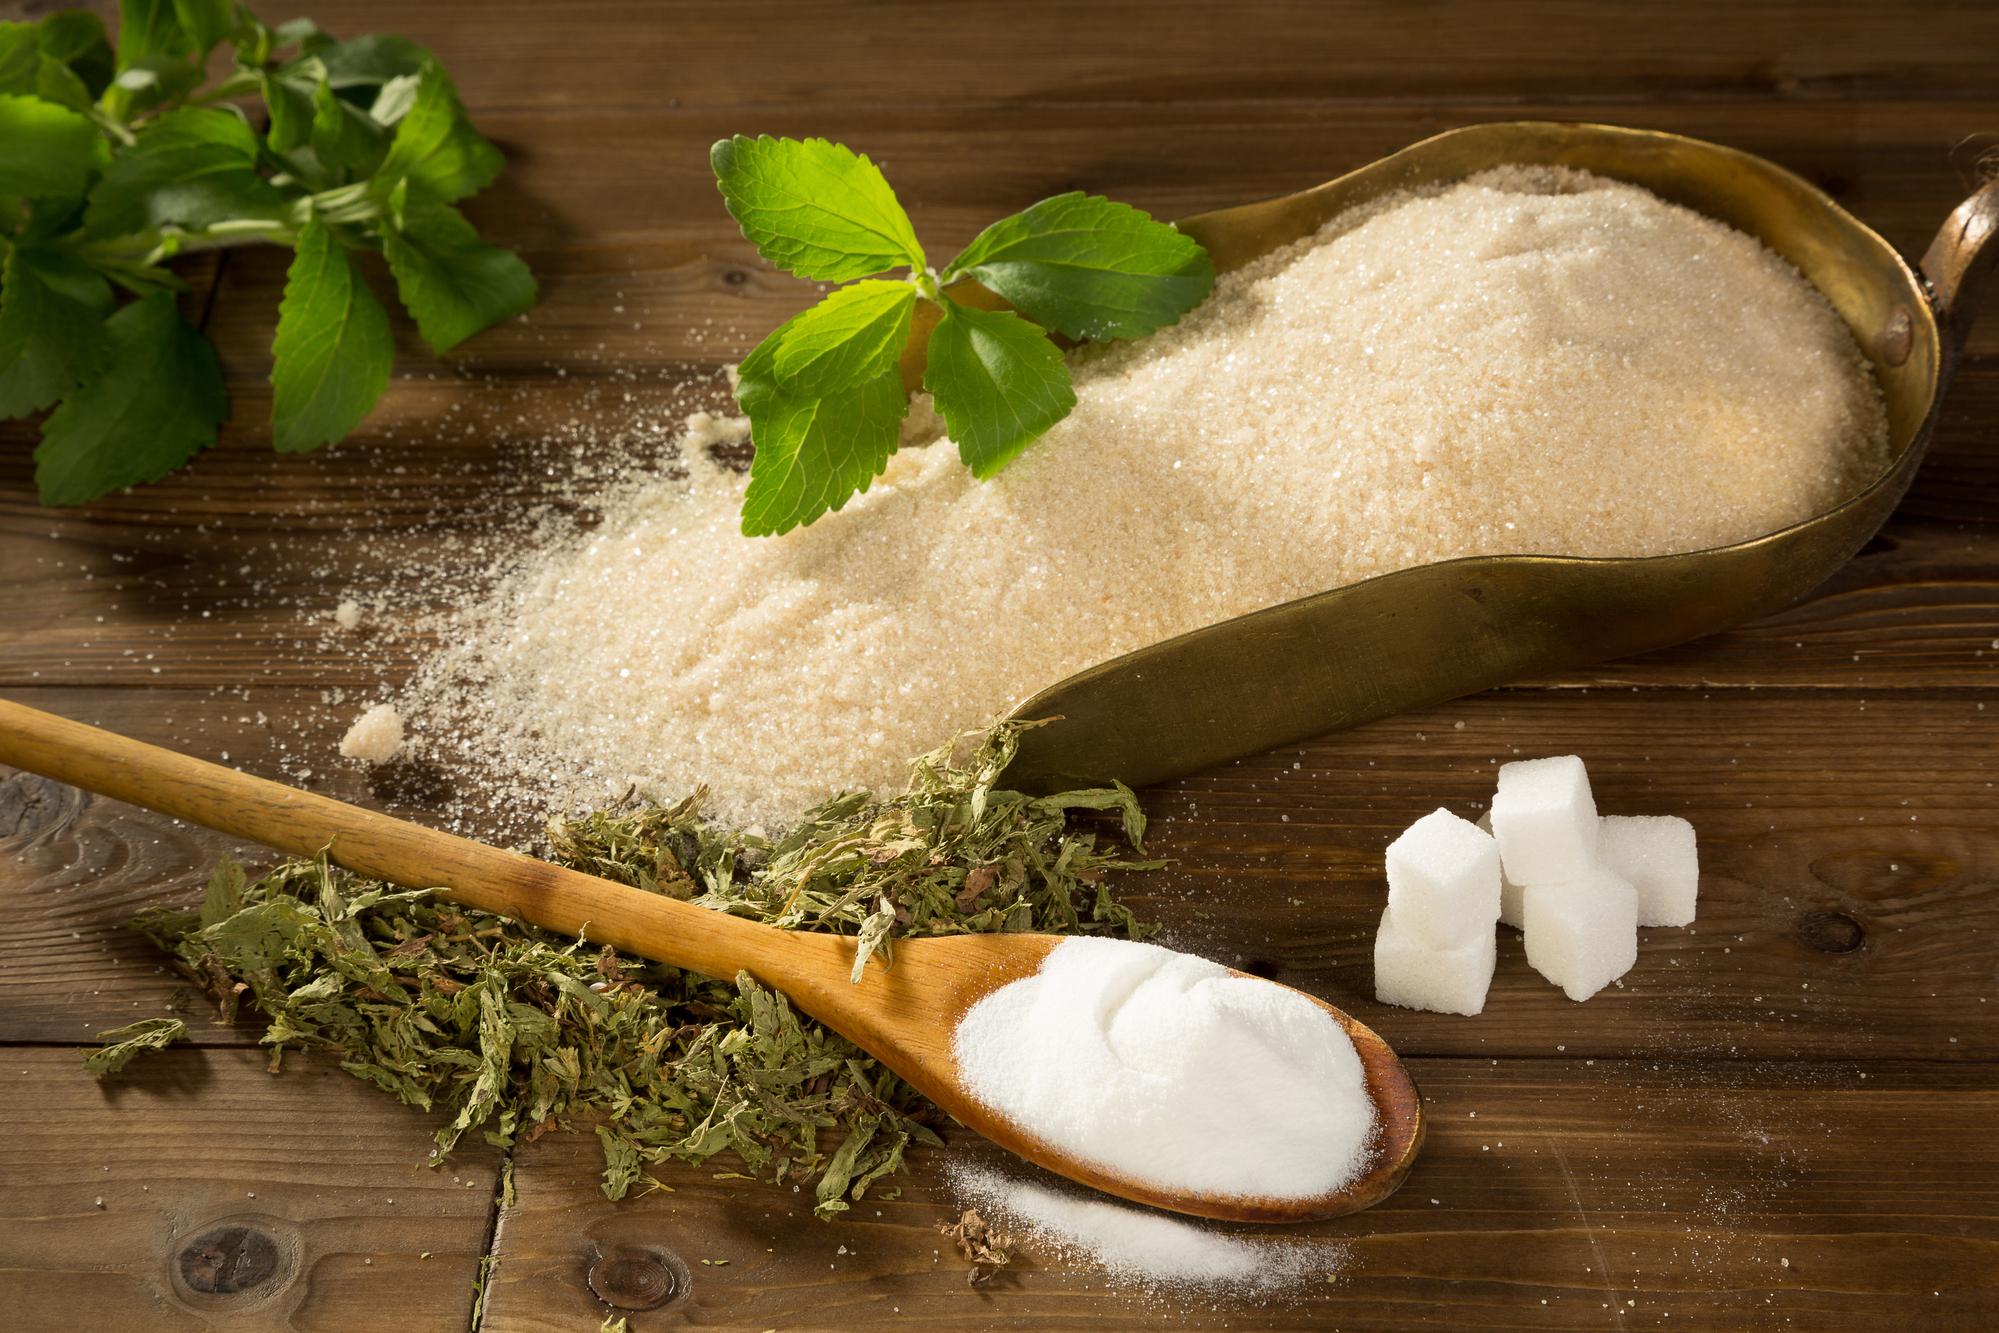 Atemberaubend Stevia: 6 Vorteile, 5 Nachteile & 6 Alternativen zum Zuckerersatz #UT_22